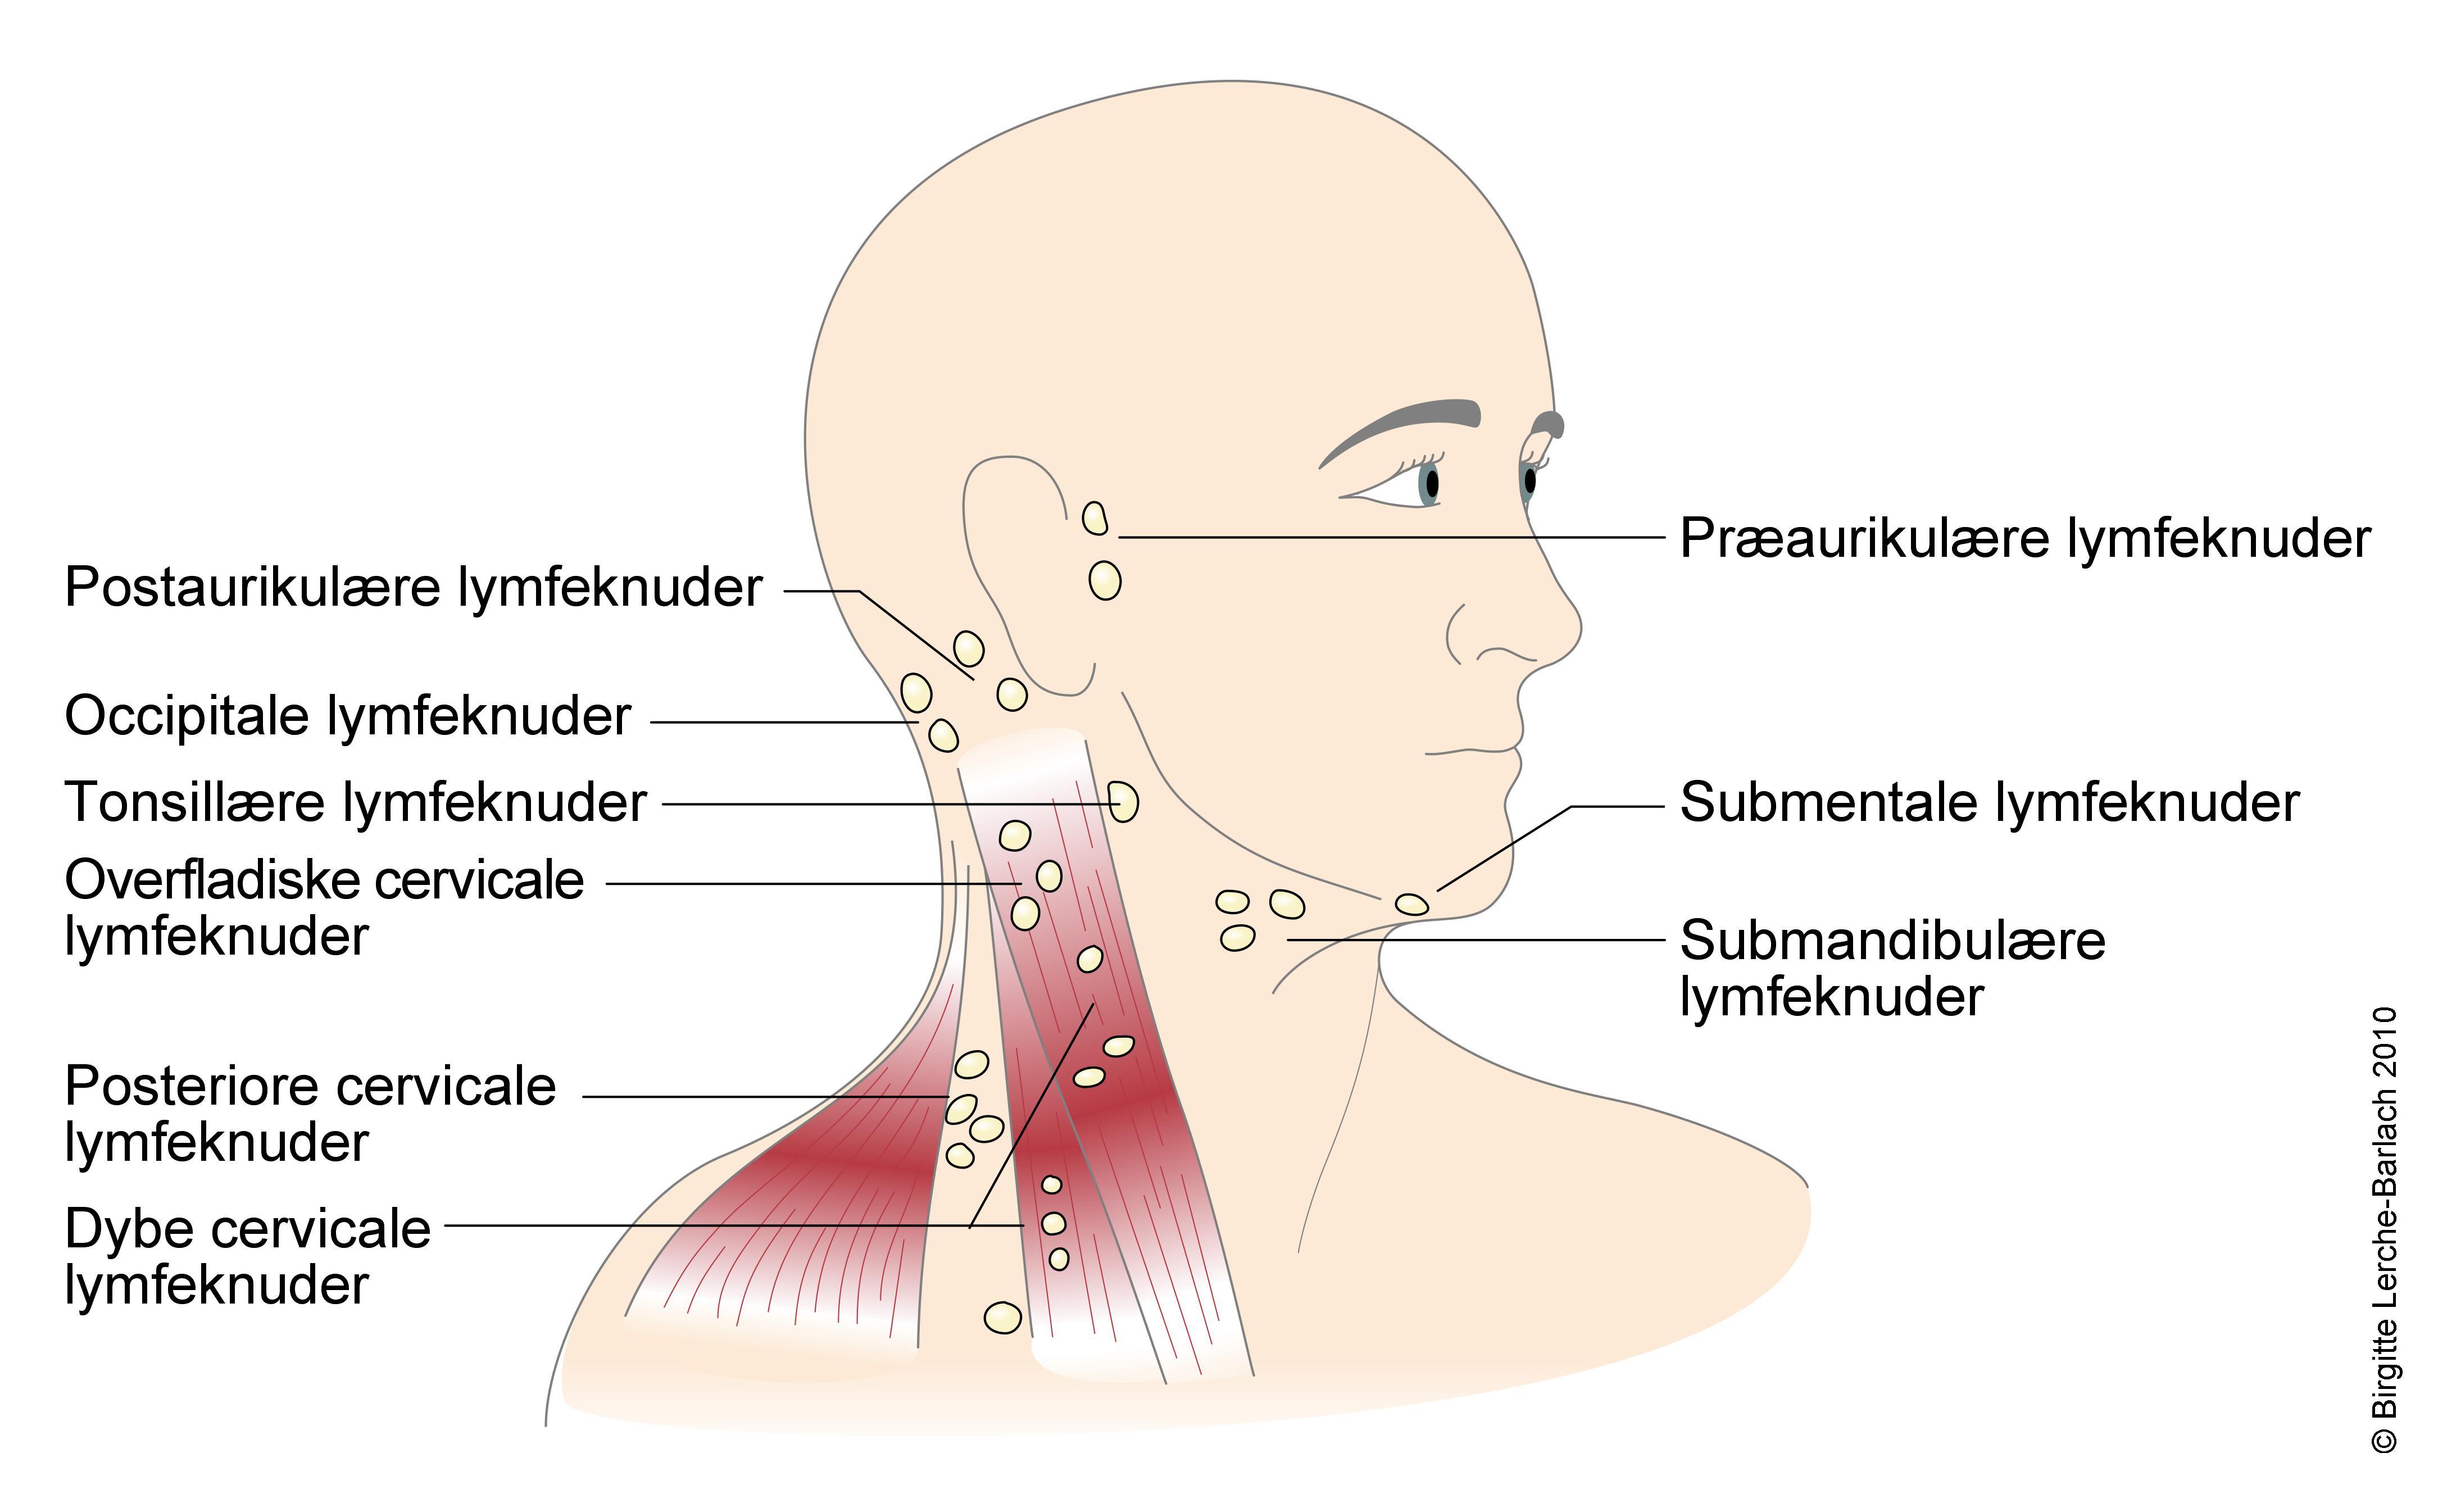 Halsen kirtler i Fjernelse af